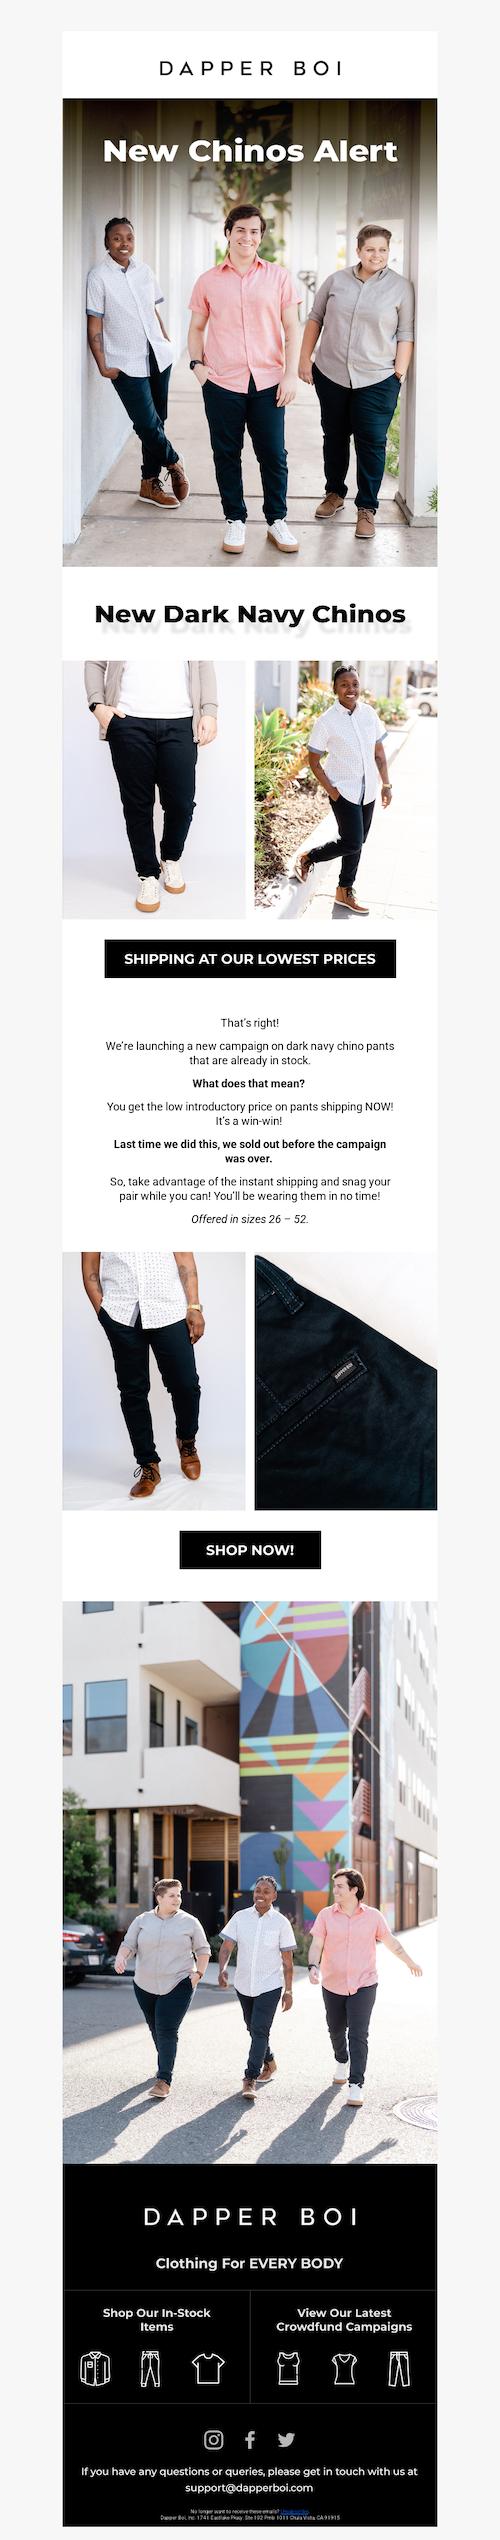 Dapper Boi email